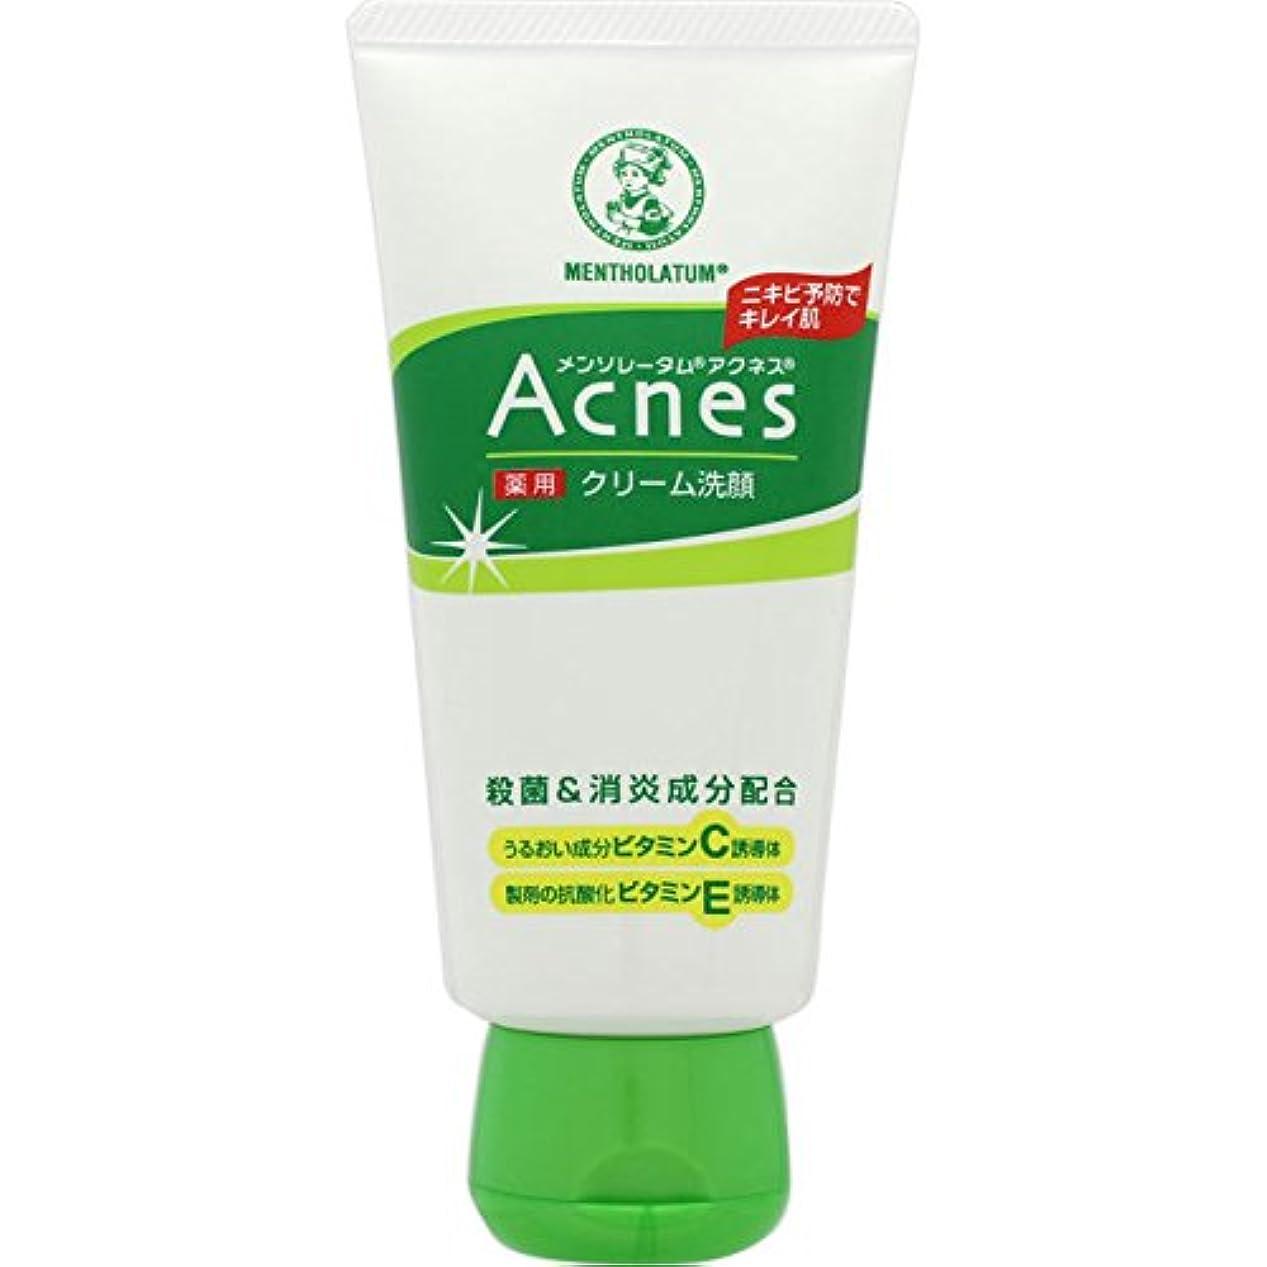 敬の念矛盾する成果アクネス 薬用クリーム洗顔 130g【医薬部外品】